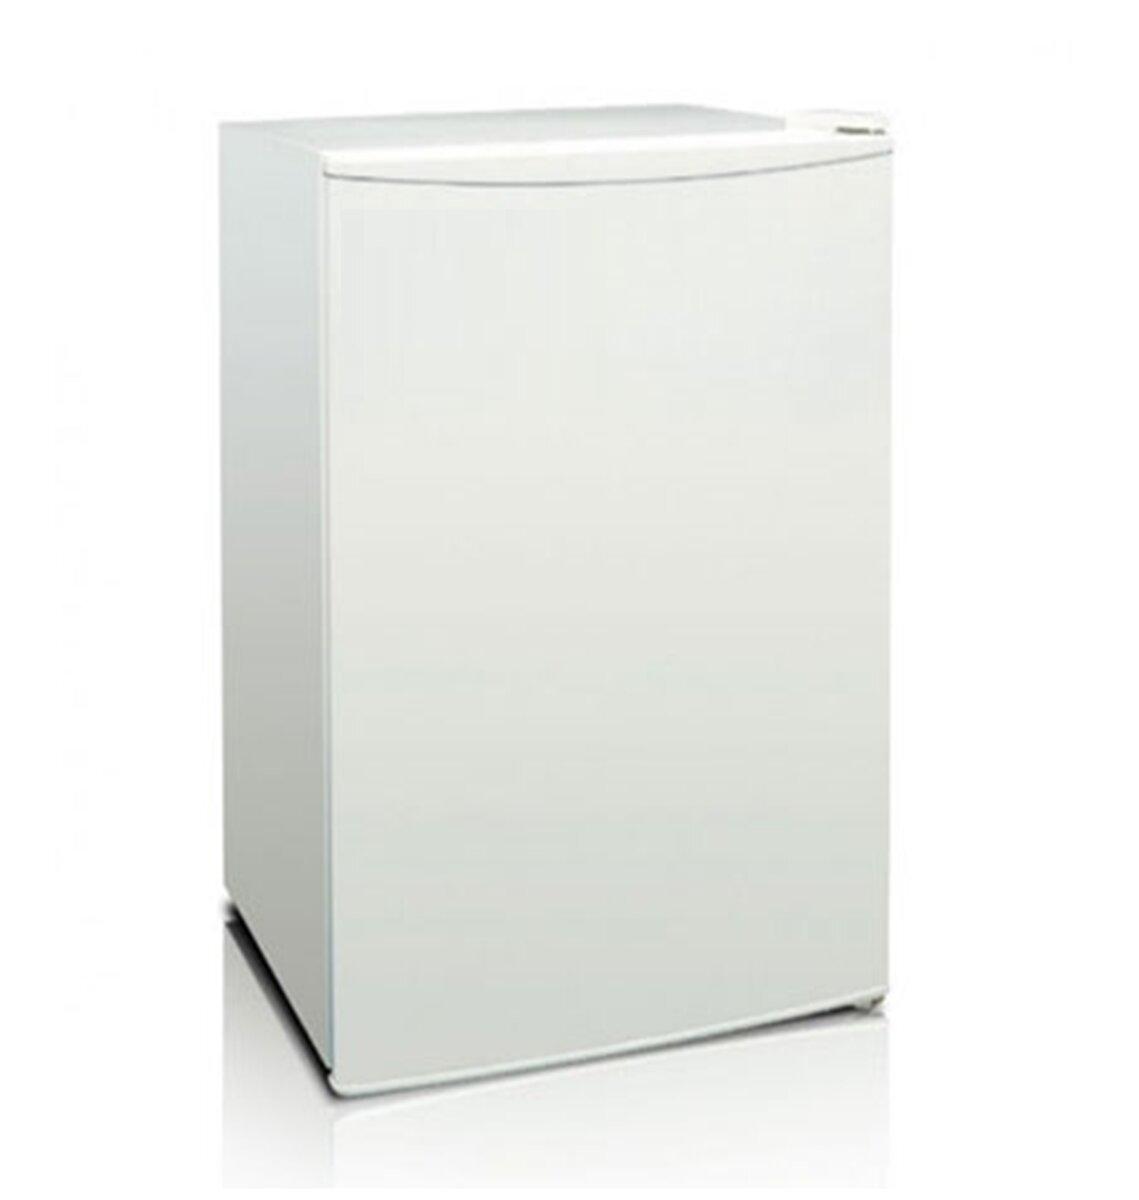 Tủ lạnh Midea HS-122LN - 97 lít , 1 cánh